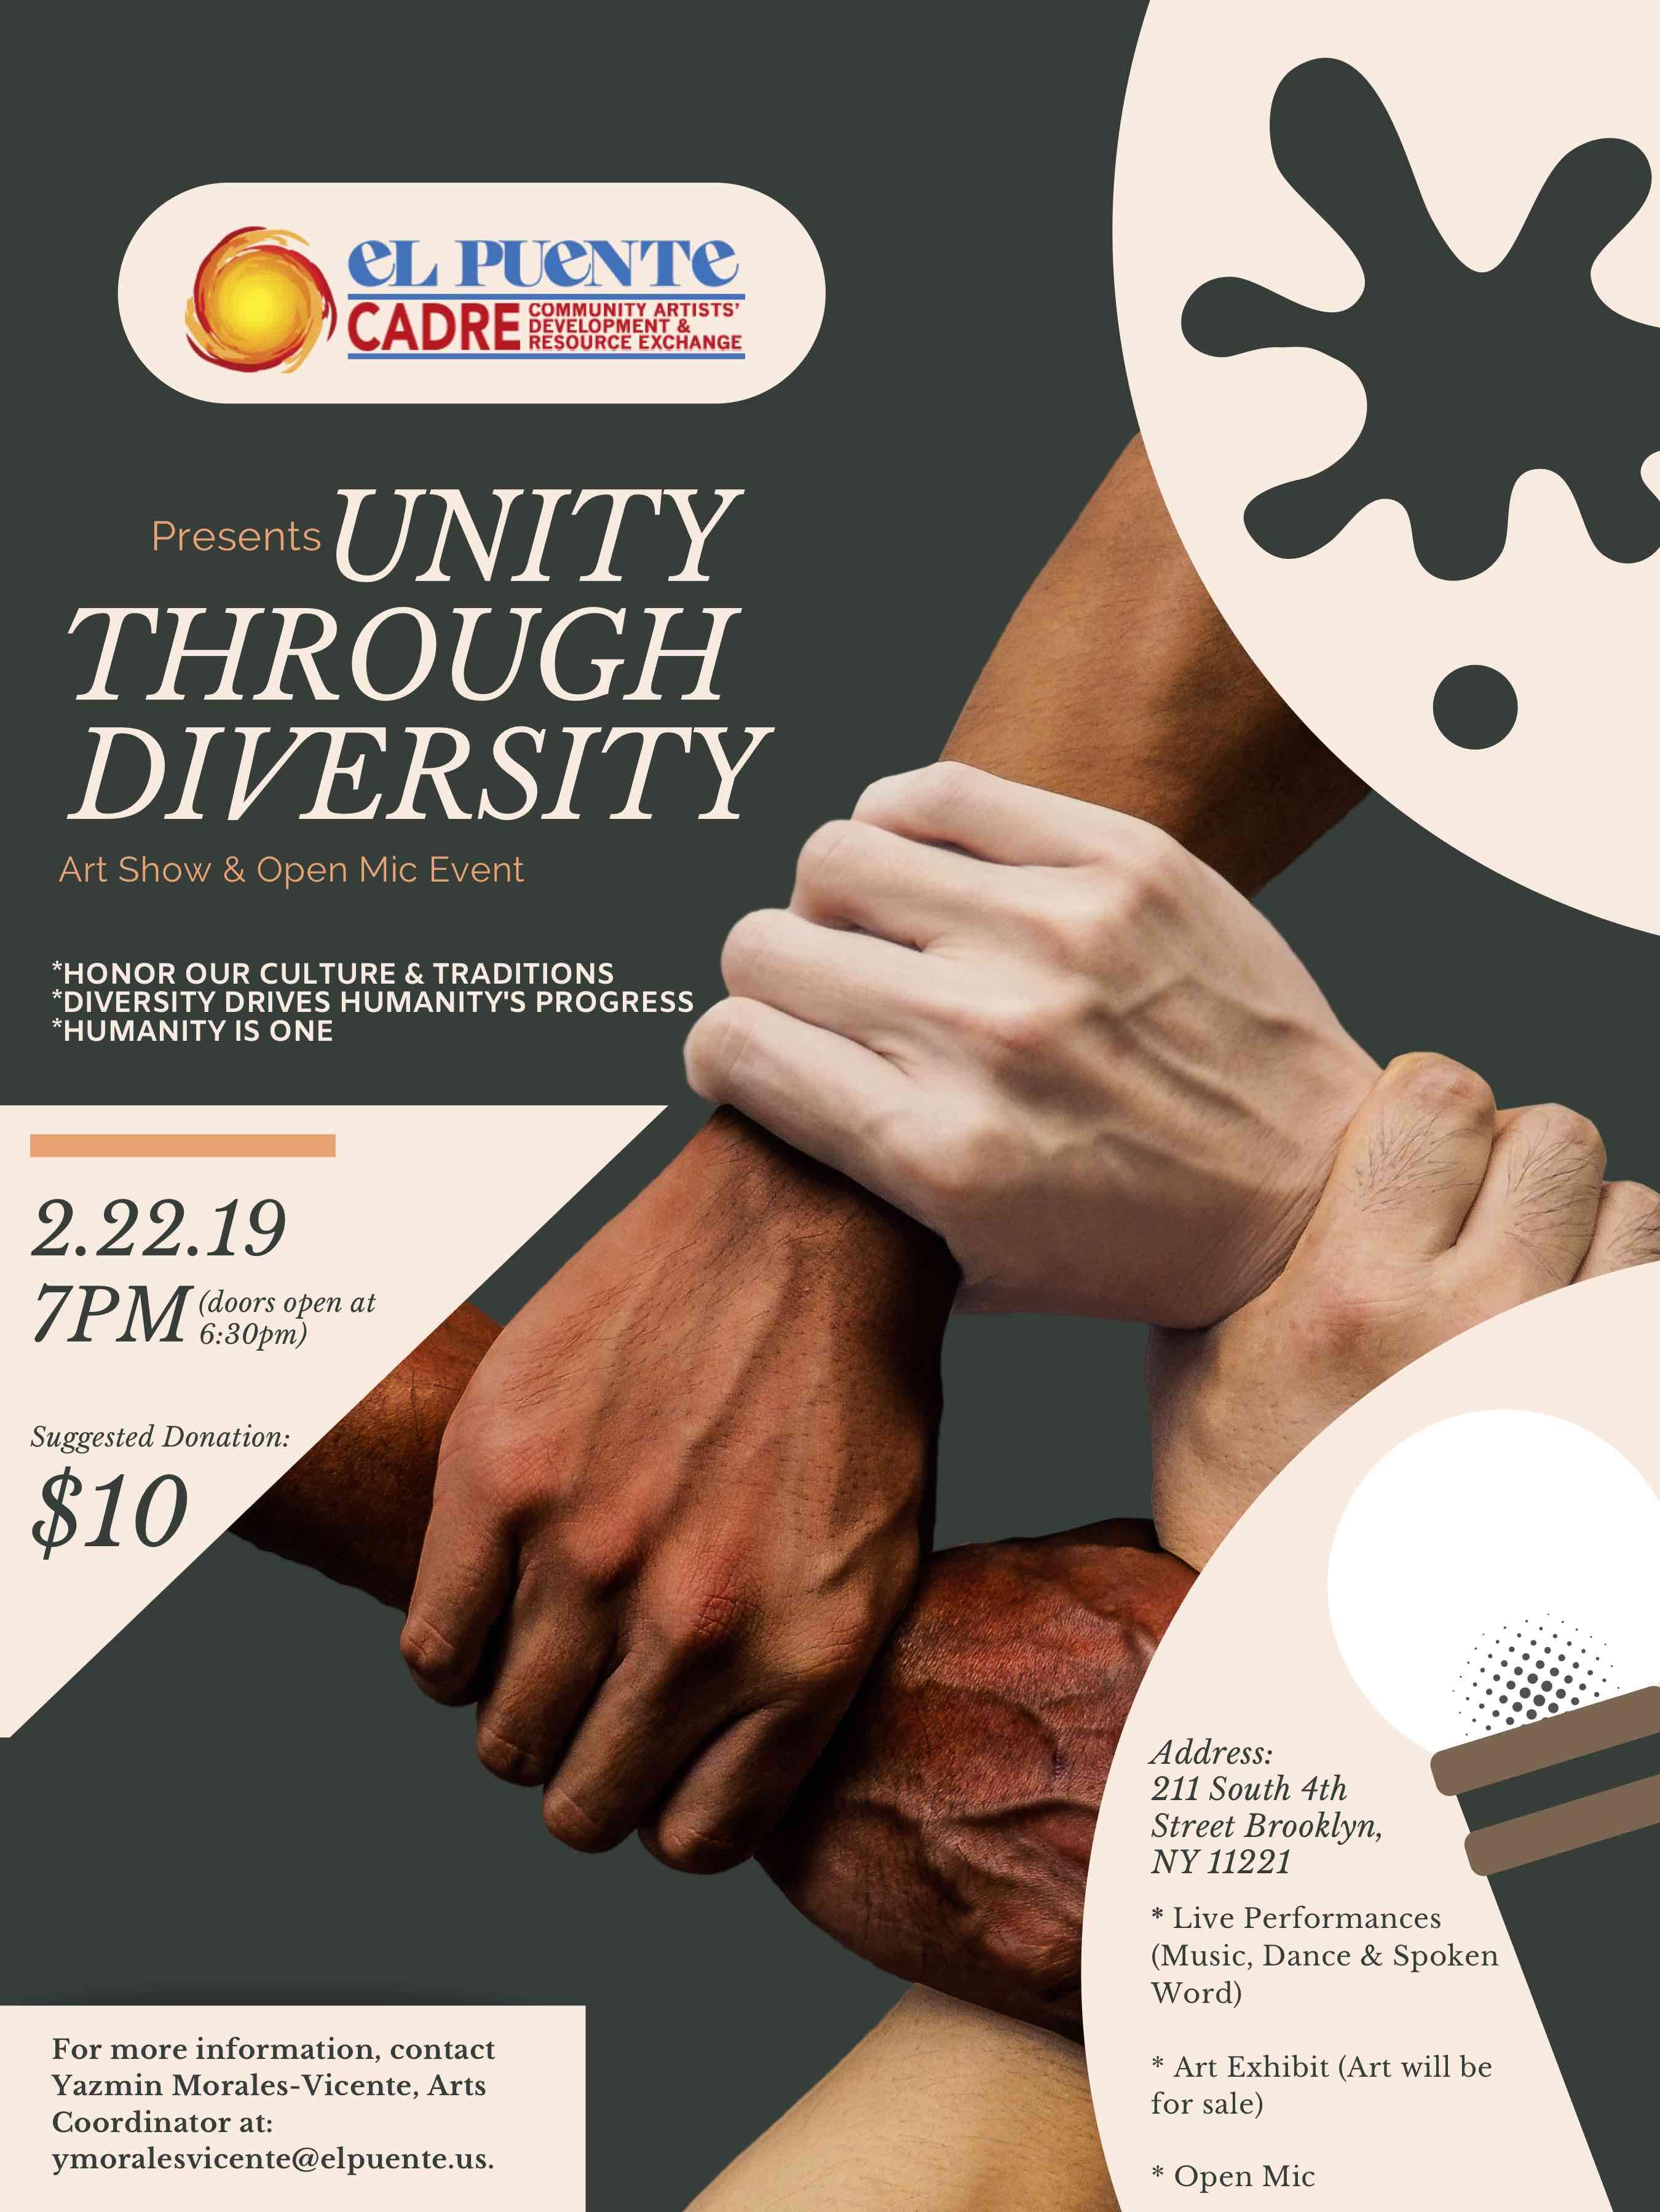 UnityThroughDiversity_UPDATED_1-20-2019